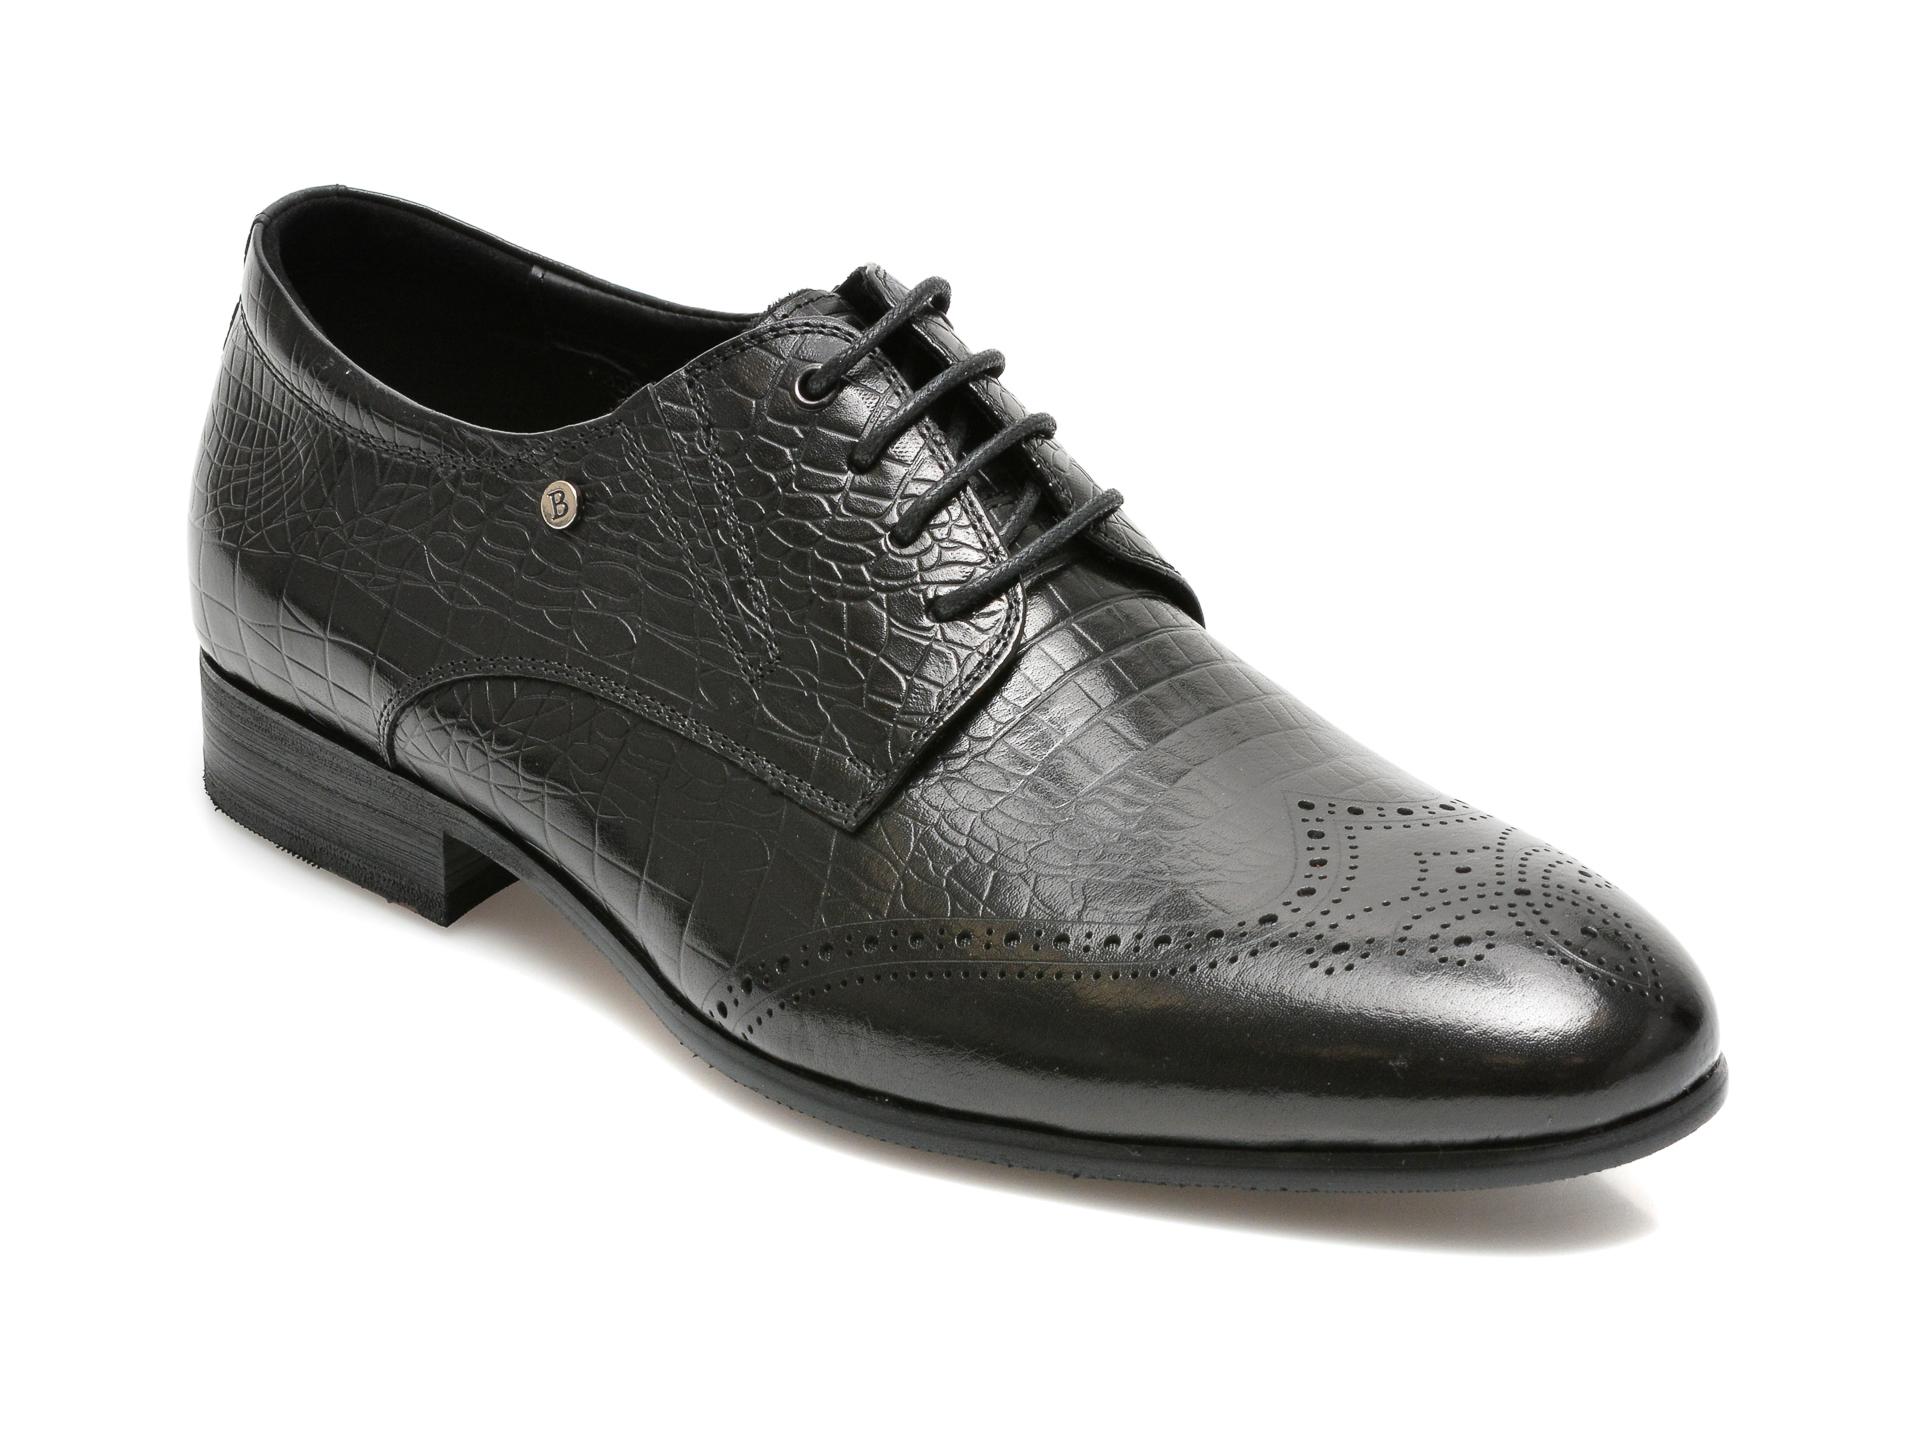 Pantofi CARIBU negri, F335613, din piele naturala